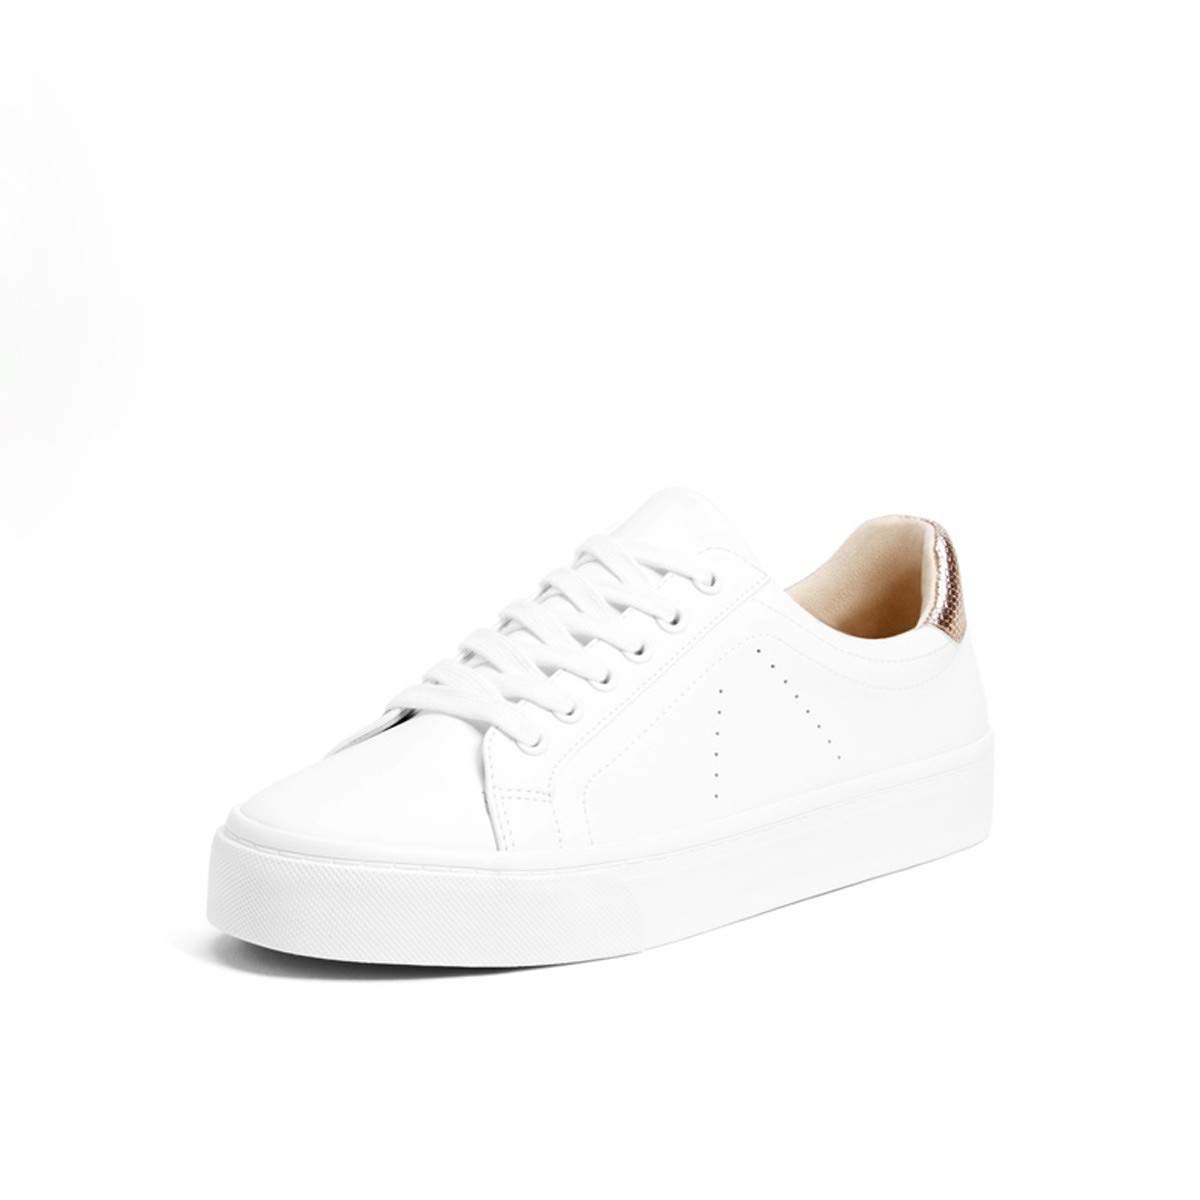 blanc Thirty-six SFSYDDY Chaussures Populaires des Chaussures De Femme Nouveau Style Loisirs Lace des Chaussures Plates